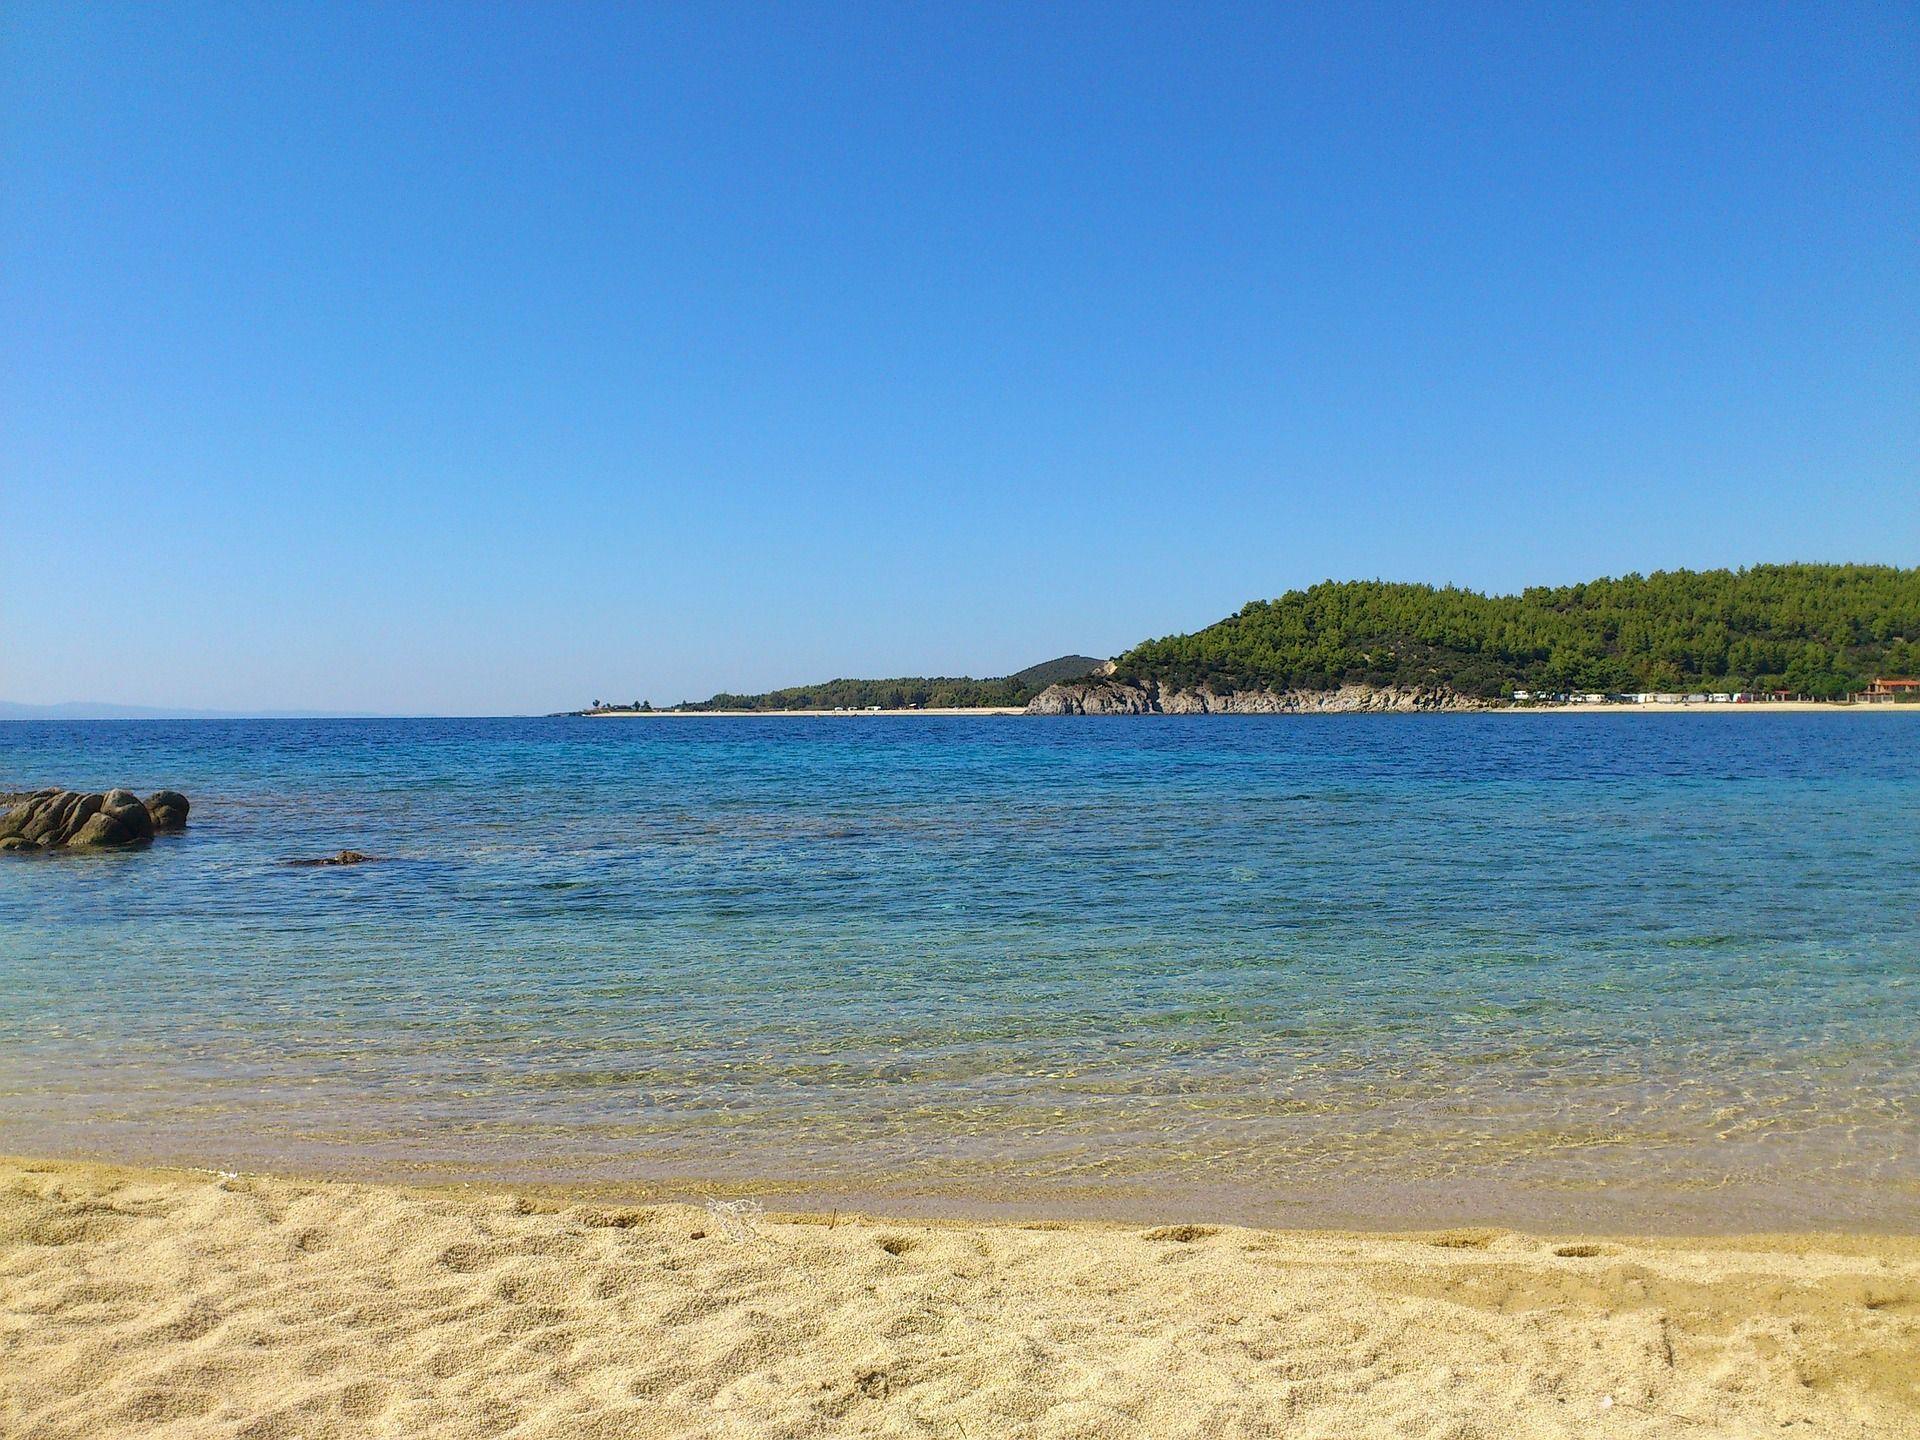 Halkidiki #Greece #Grekland #Mediterranean #Medelhavet #Paradis #Paradise #Vacation #Travel #Semester #Resa #Resmål #Sol #Bad #Sea #Hav #Clear #Klarblått #Vatten #Halkidiki #Beach #Strand